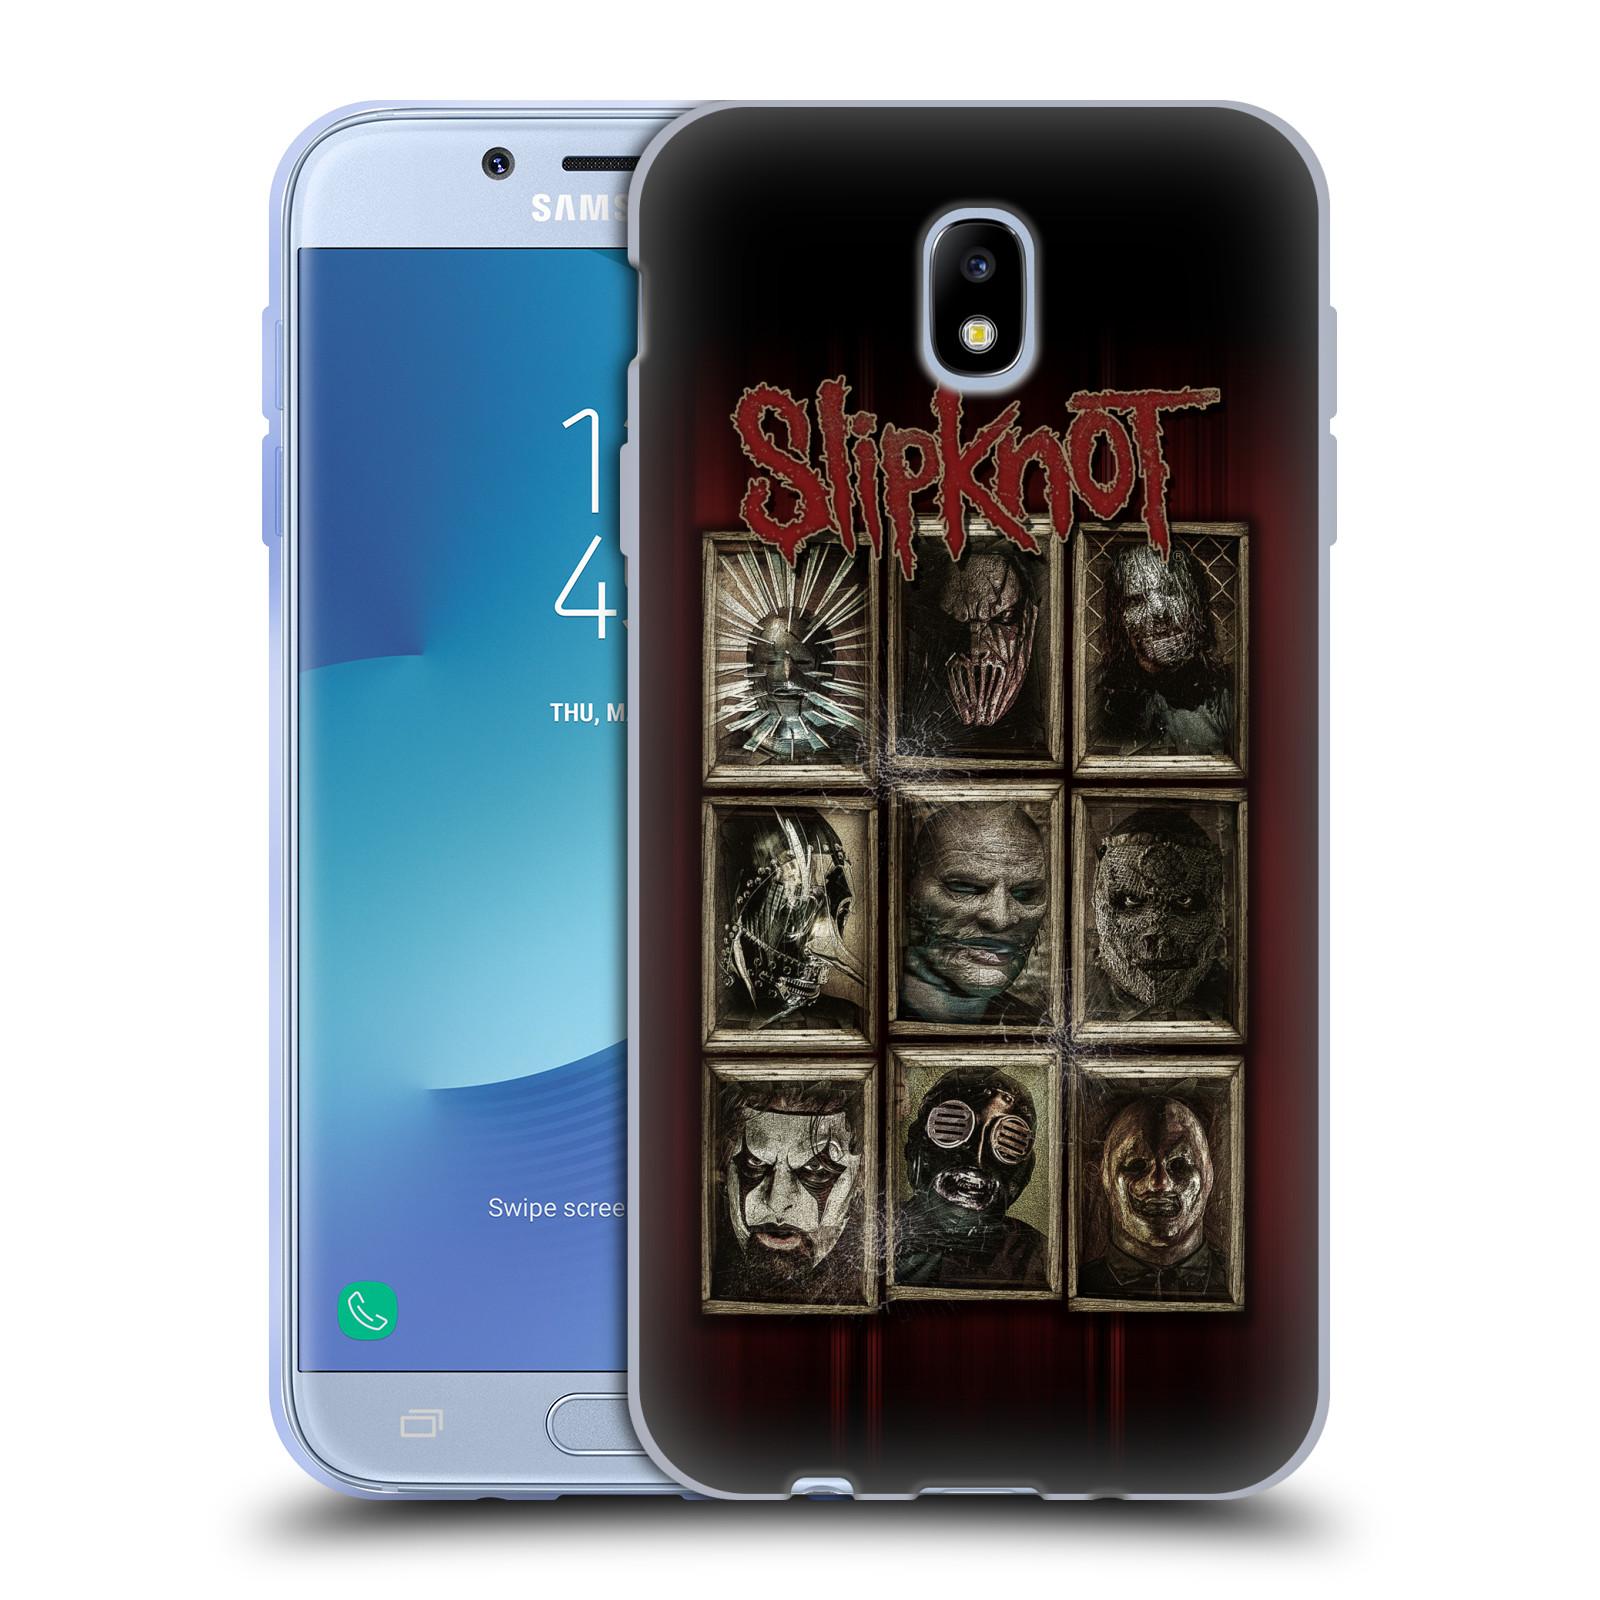 Silikonové pouzdro na mobil Samsung Galaxy J7 (2017) - Head Case - Slipknot - Masky (Silikonový kryt či obal na mobilní telefon Samsung Galaxy J7 2017 SM-J730F/DS s motivem Slipknot - Masky)